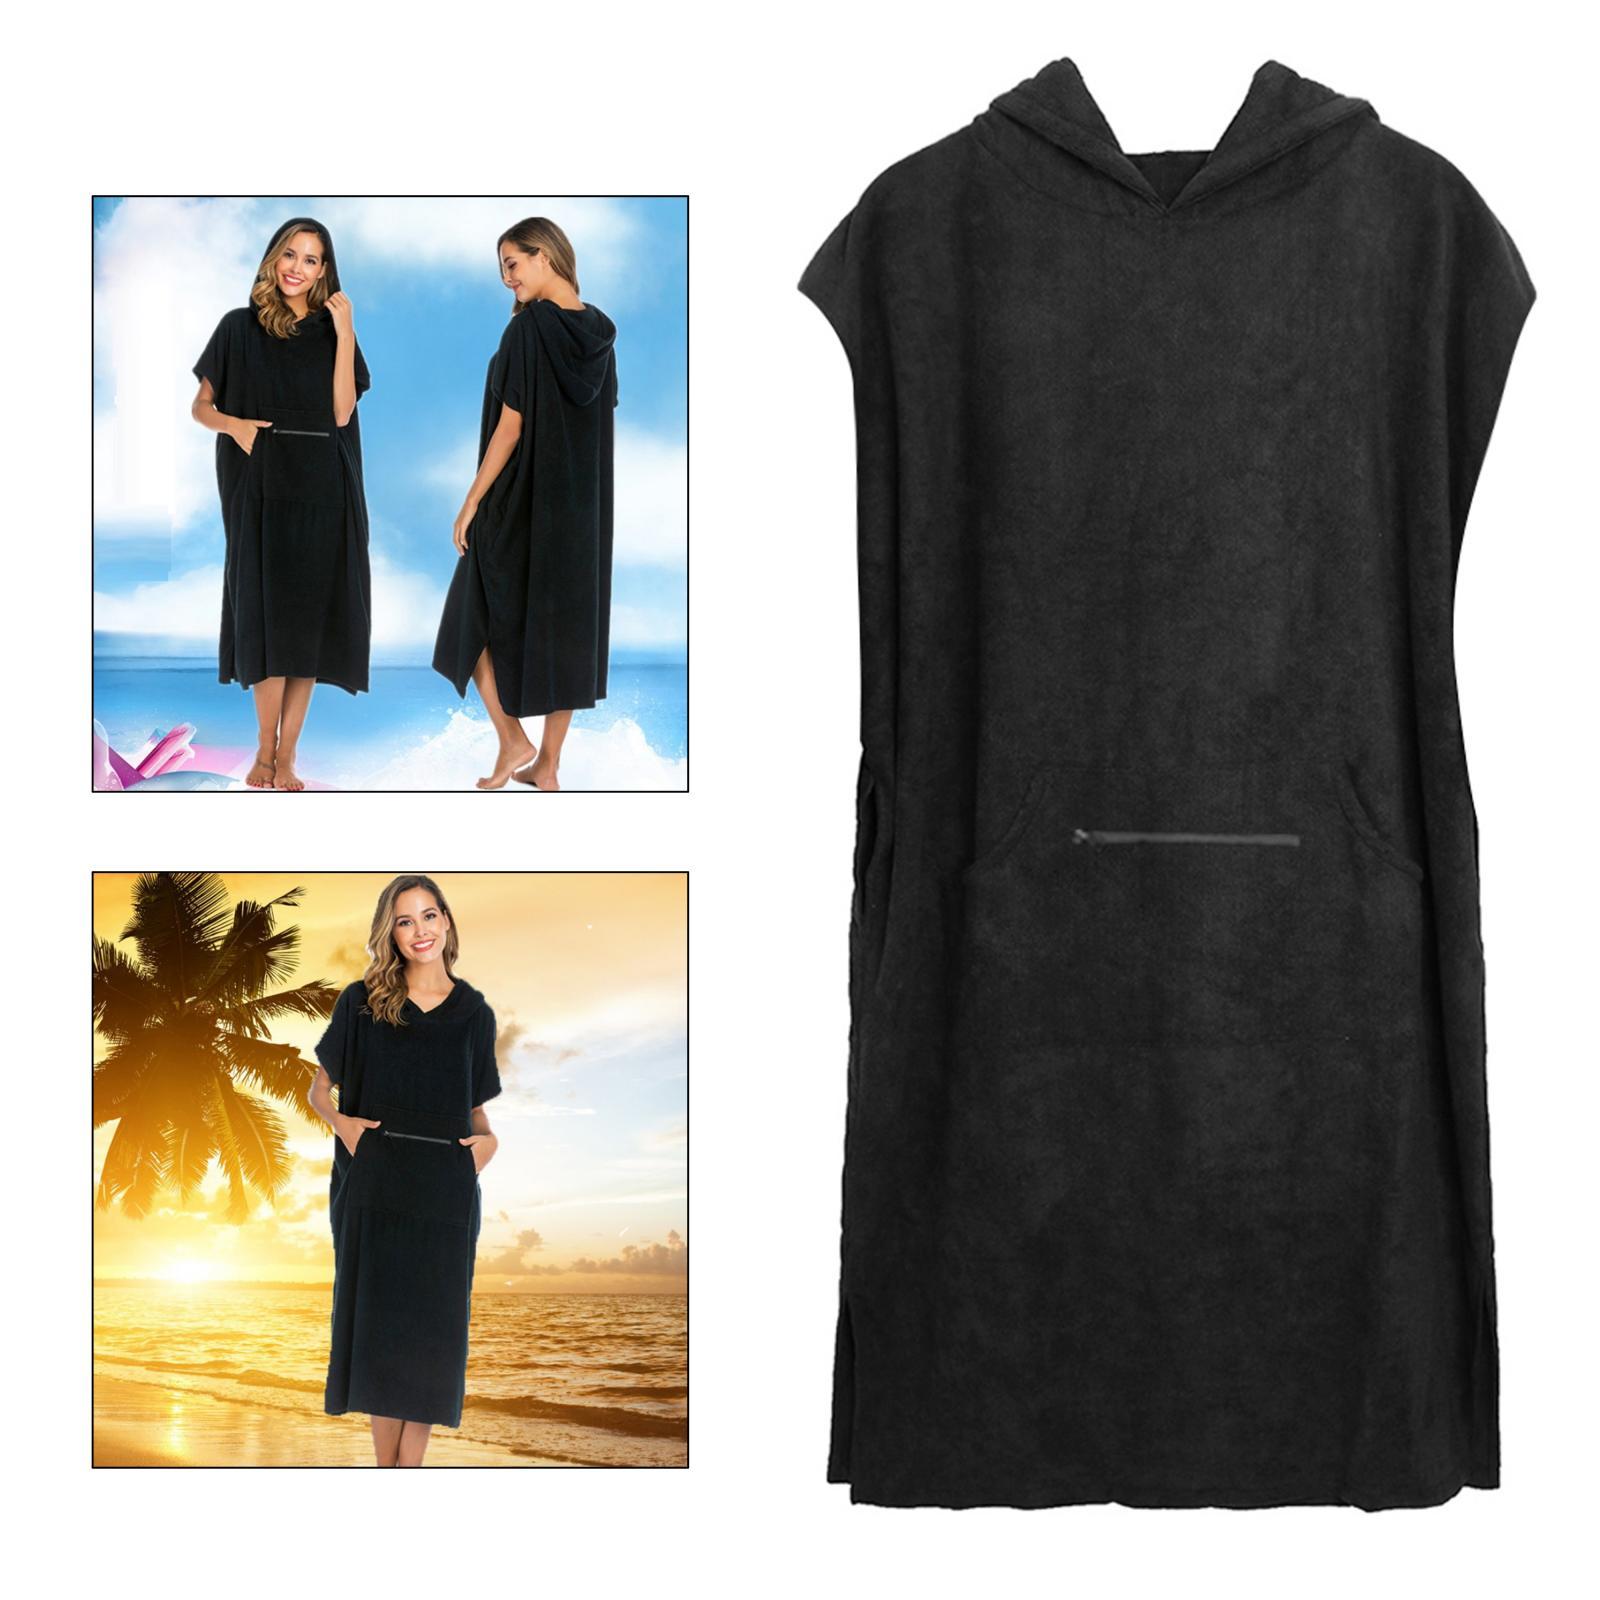 Toalla de playa con capucha de algodón puro para hombre y mujer, traje de neopreno con capucha, bata de Poncho, toalla de natación de secado rápido